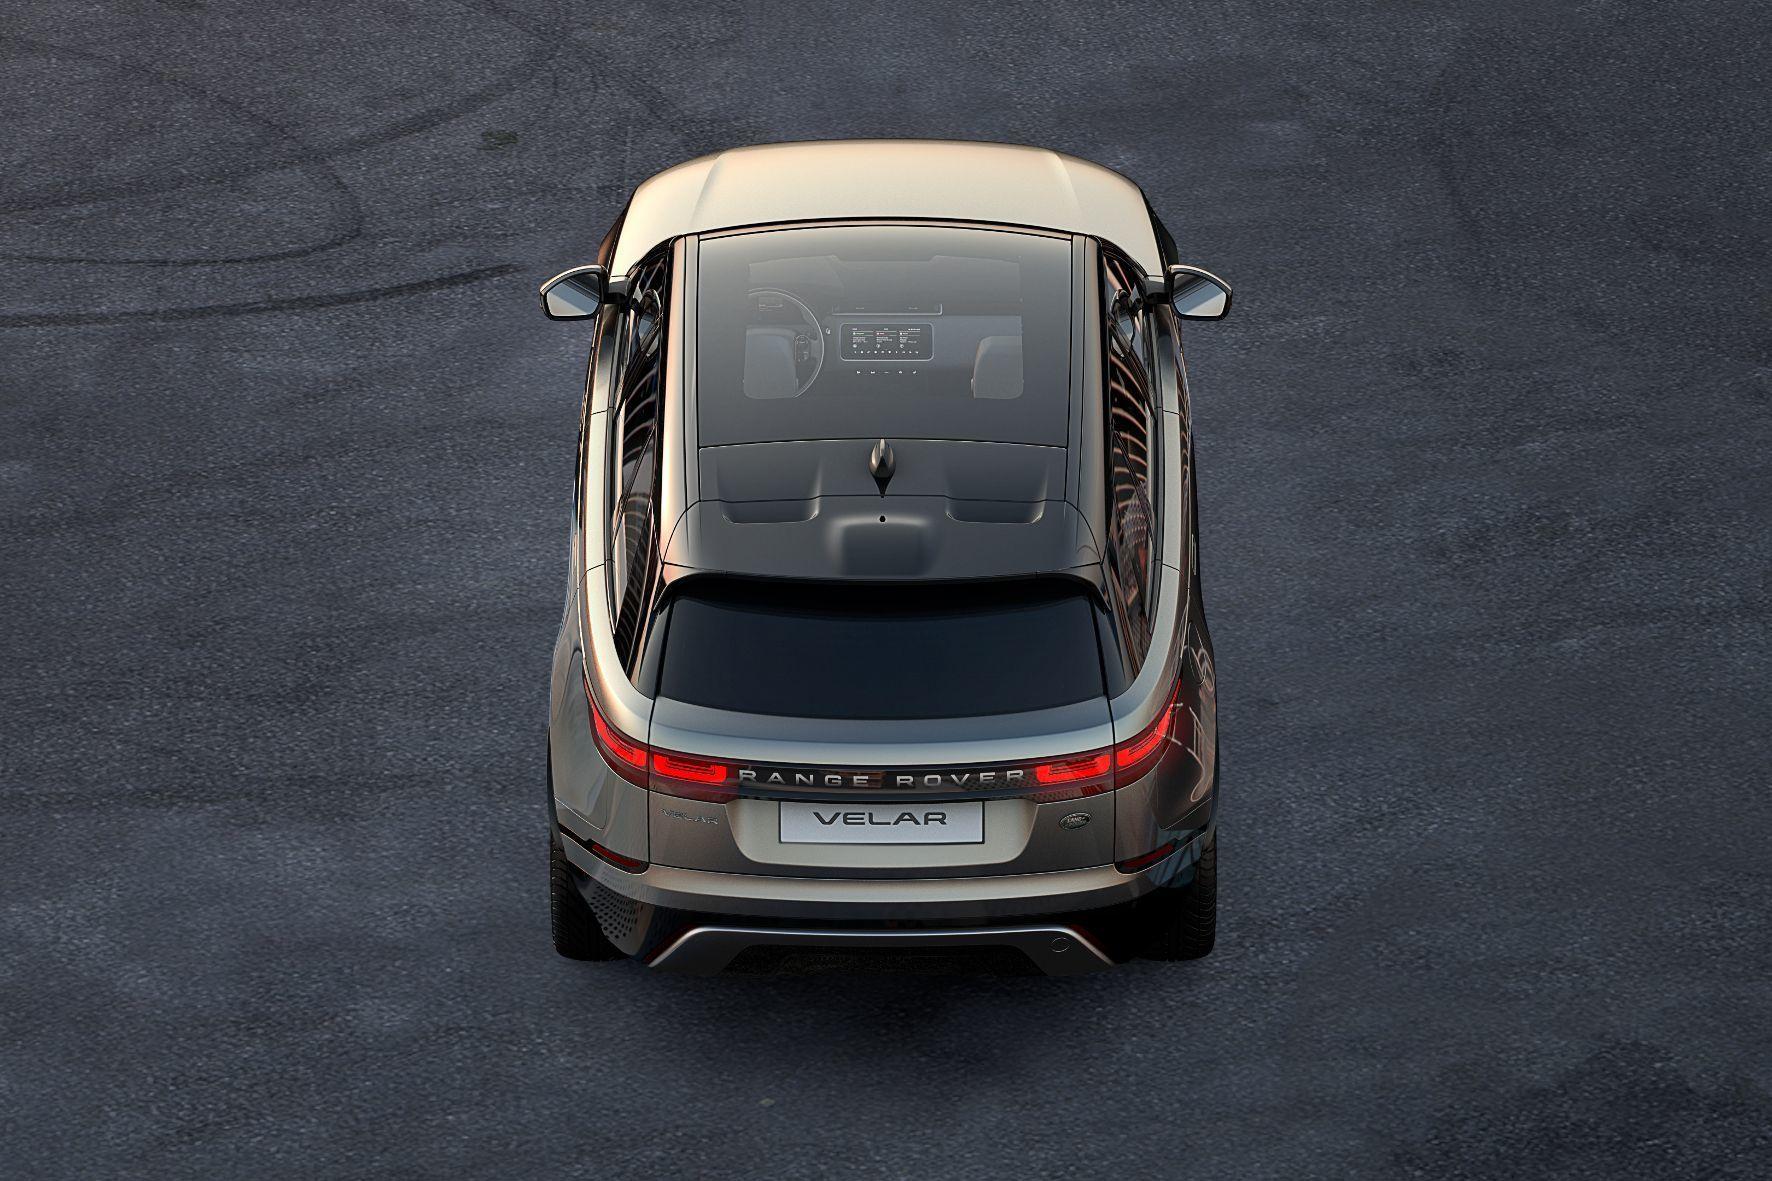 mid Groß-Gerau - Markante Fensterlinie und riesiges Panoramadach: der neue Range Rover Velar in der Heckansicht.